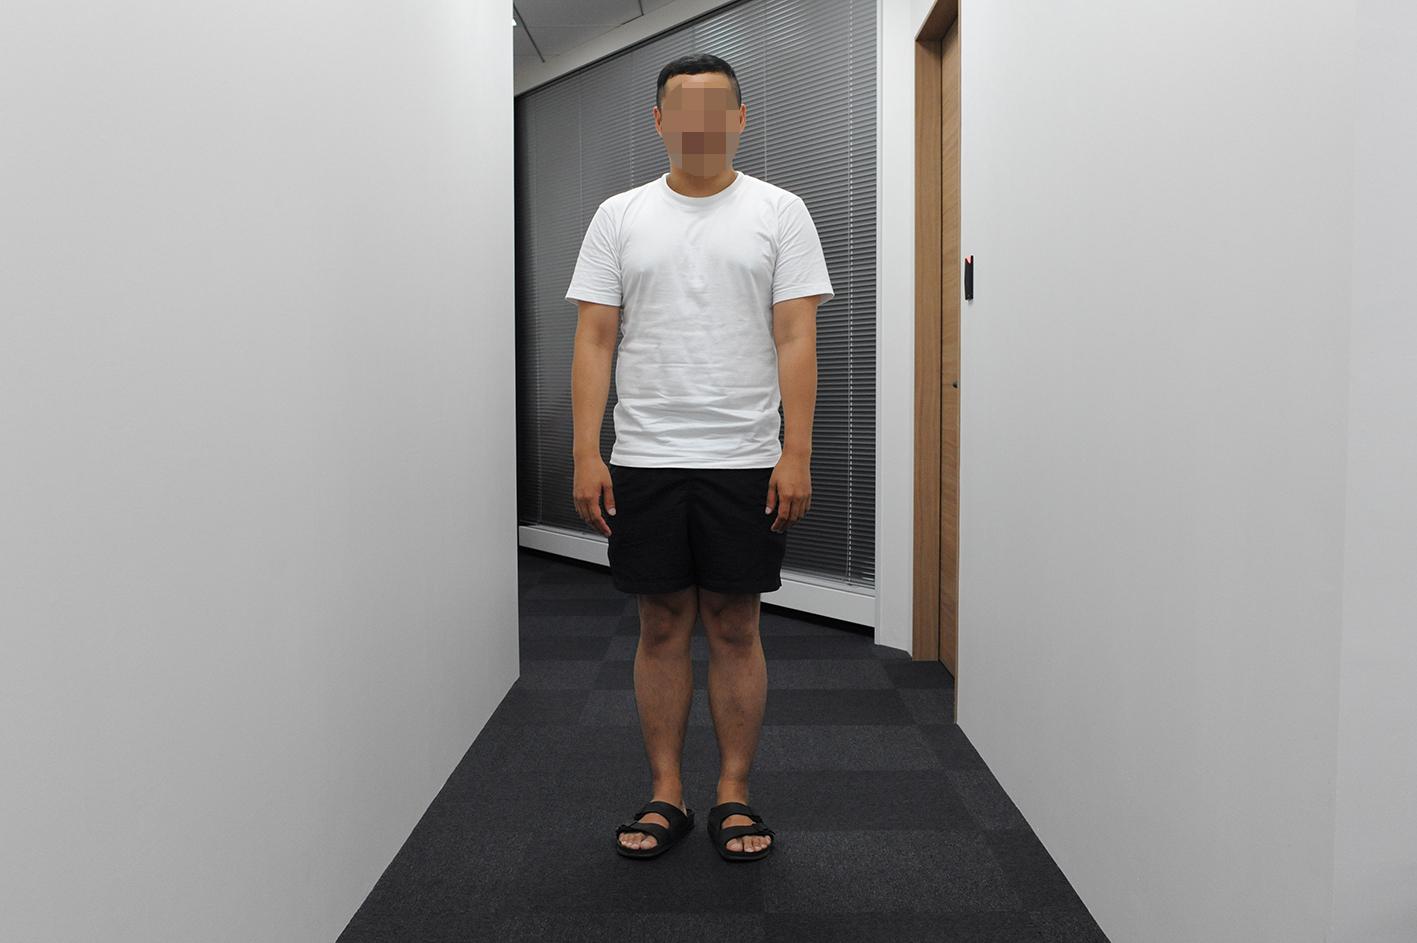 薄毛患者松本さんの全身